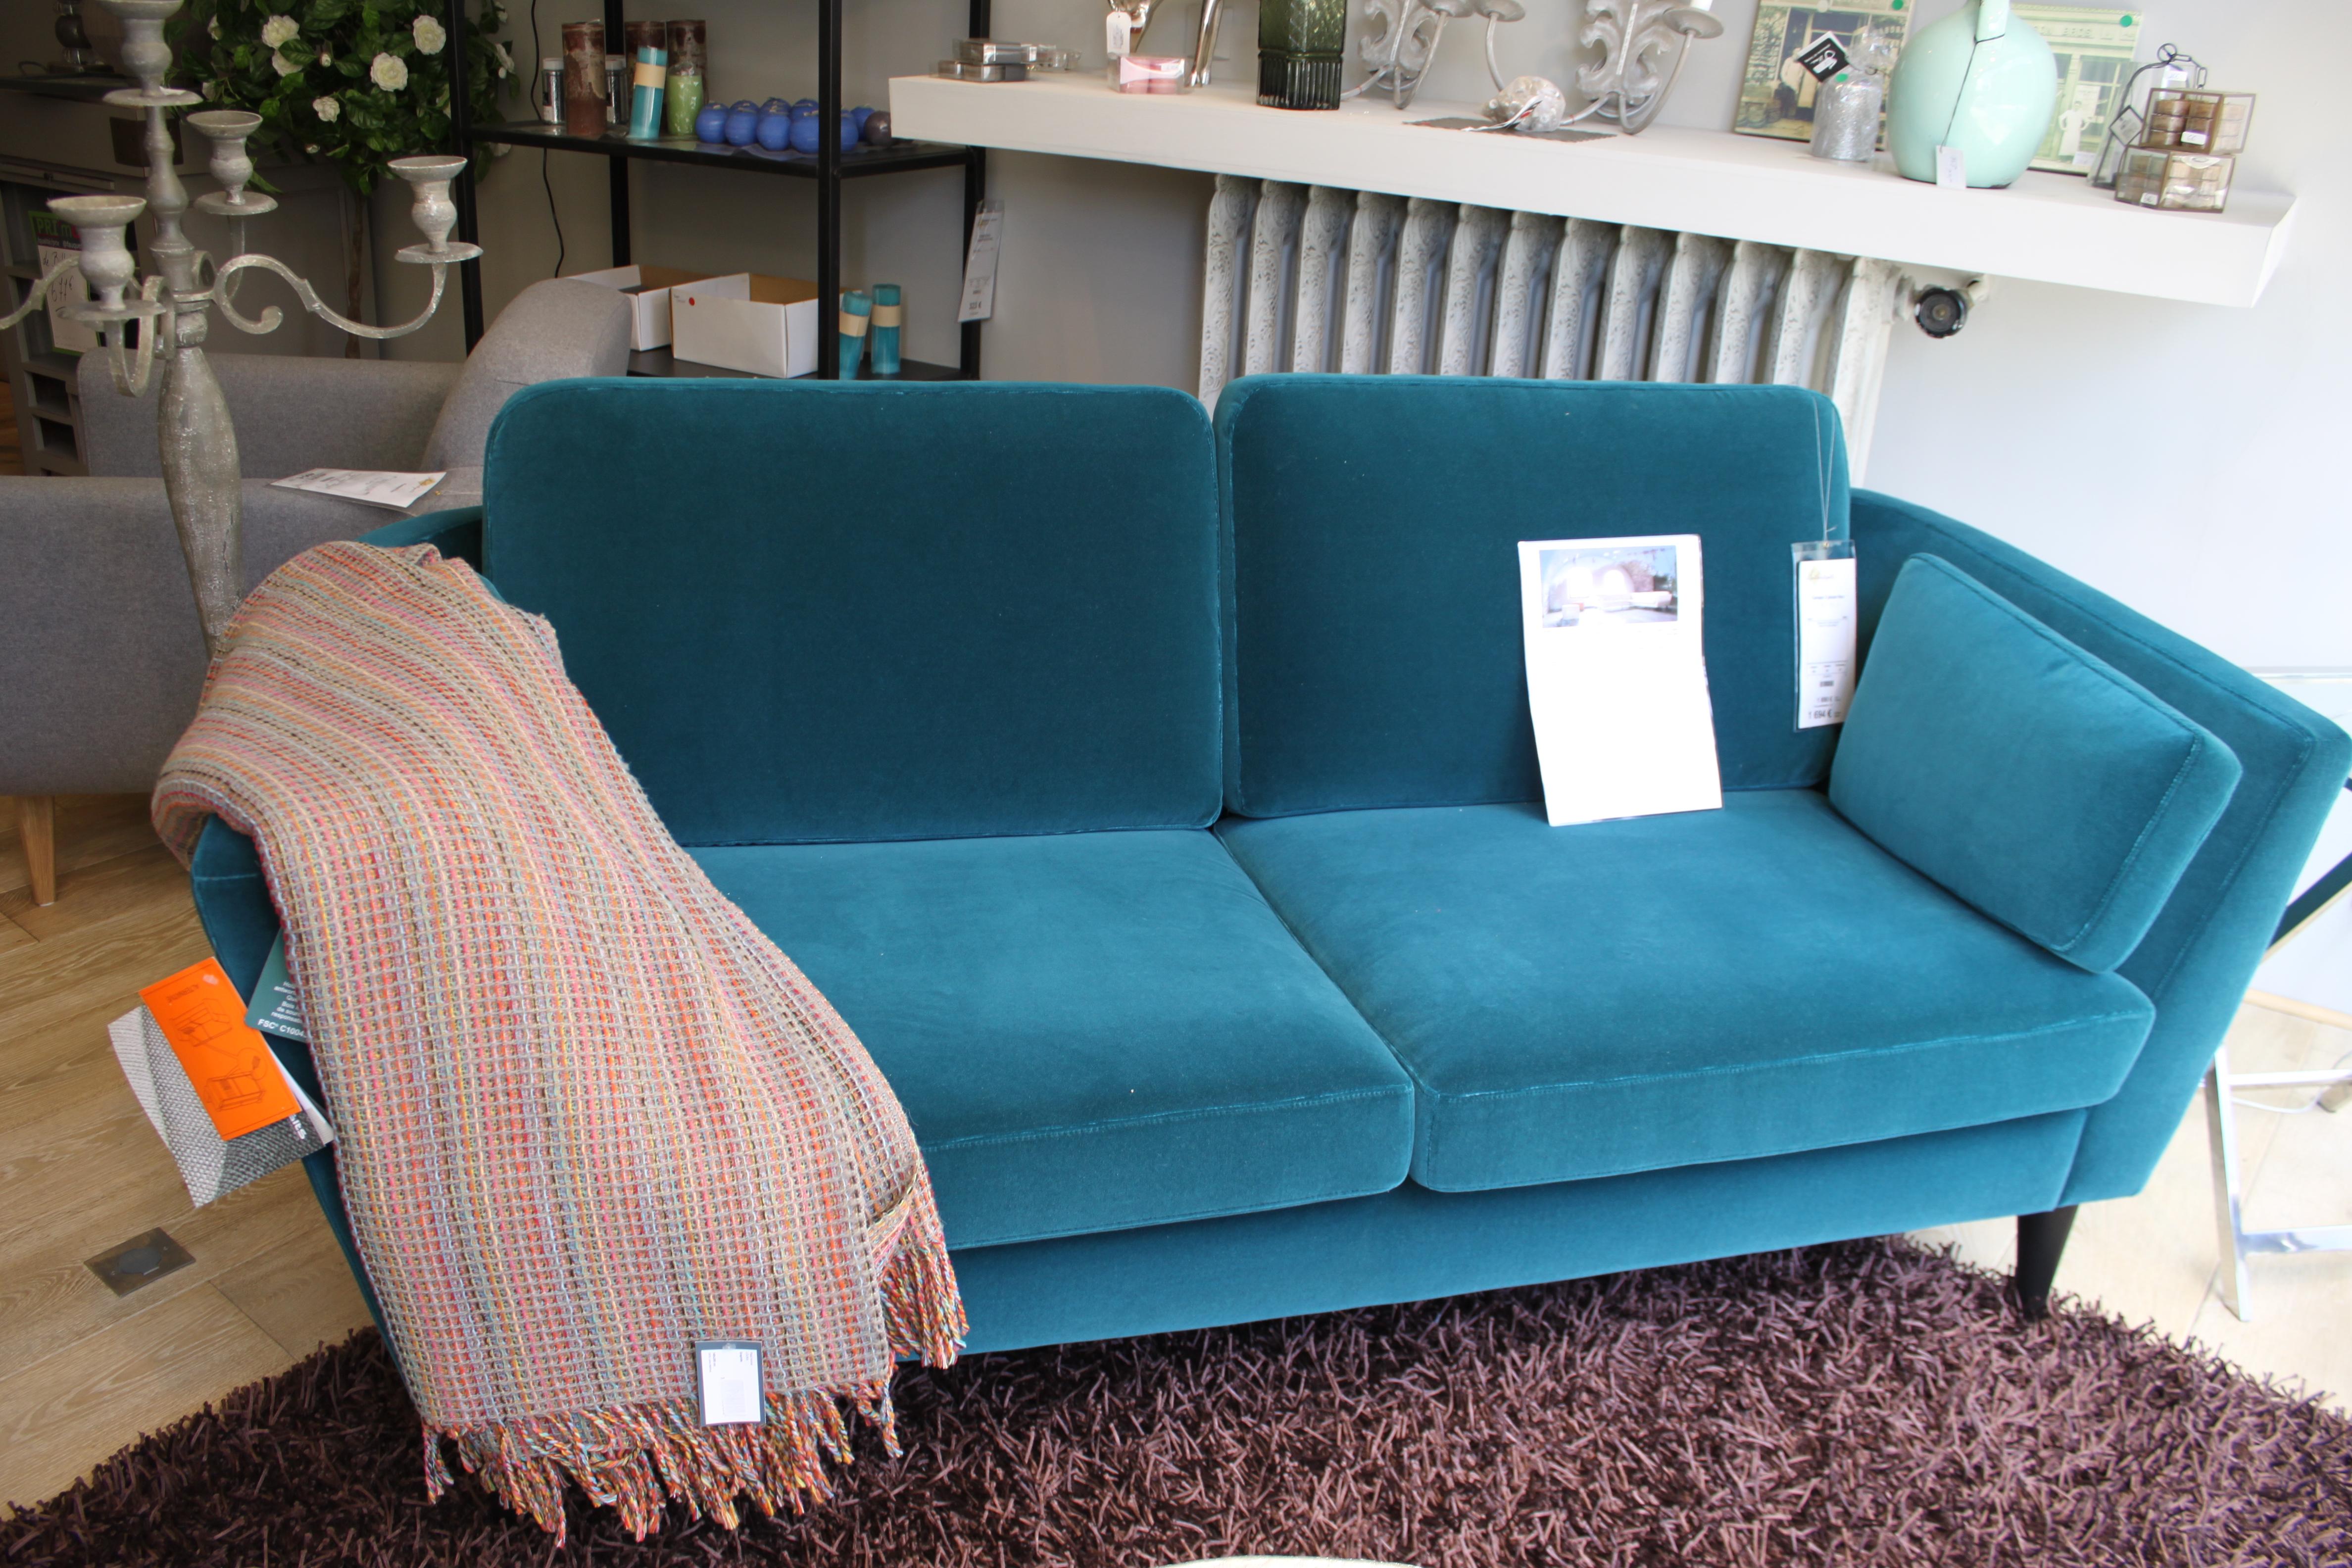 best canape bleu canard images design trends 2017. Black Bedroom Furniture Sets. Home Design Ideas